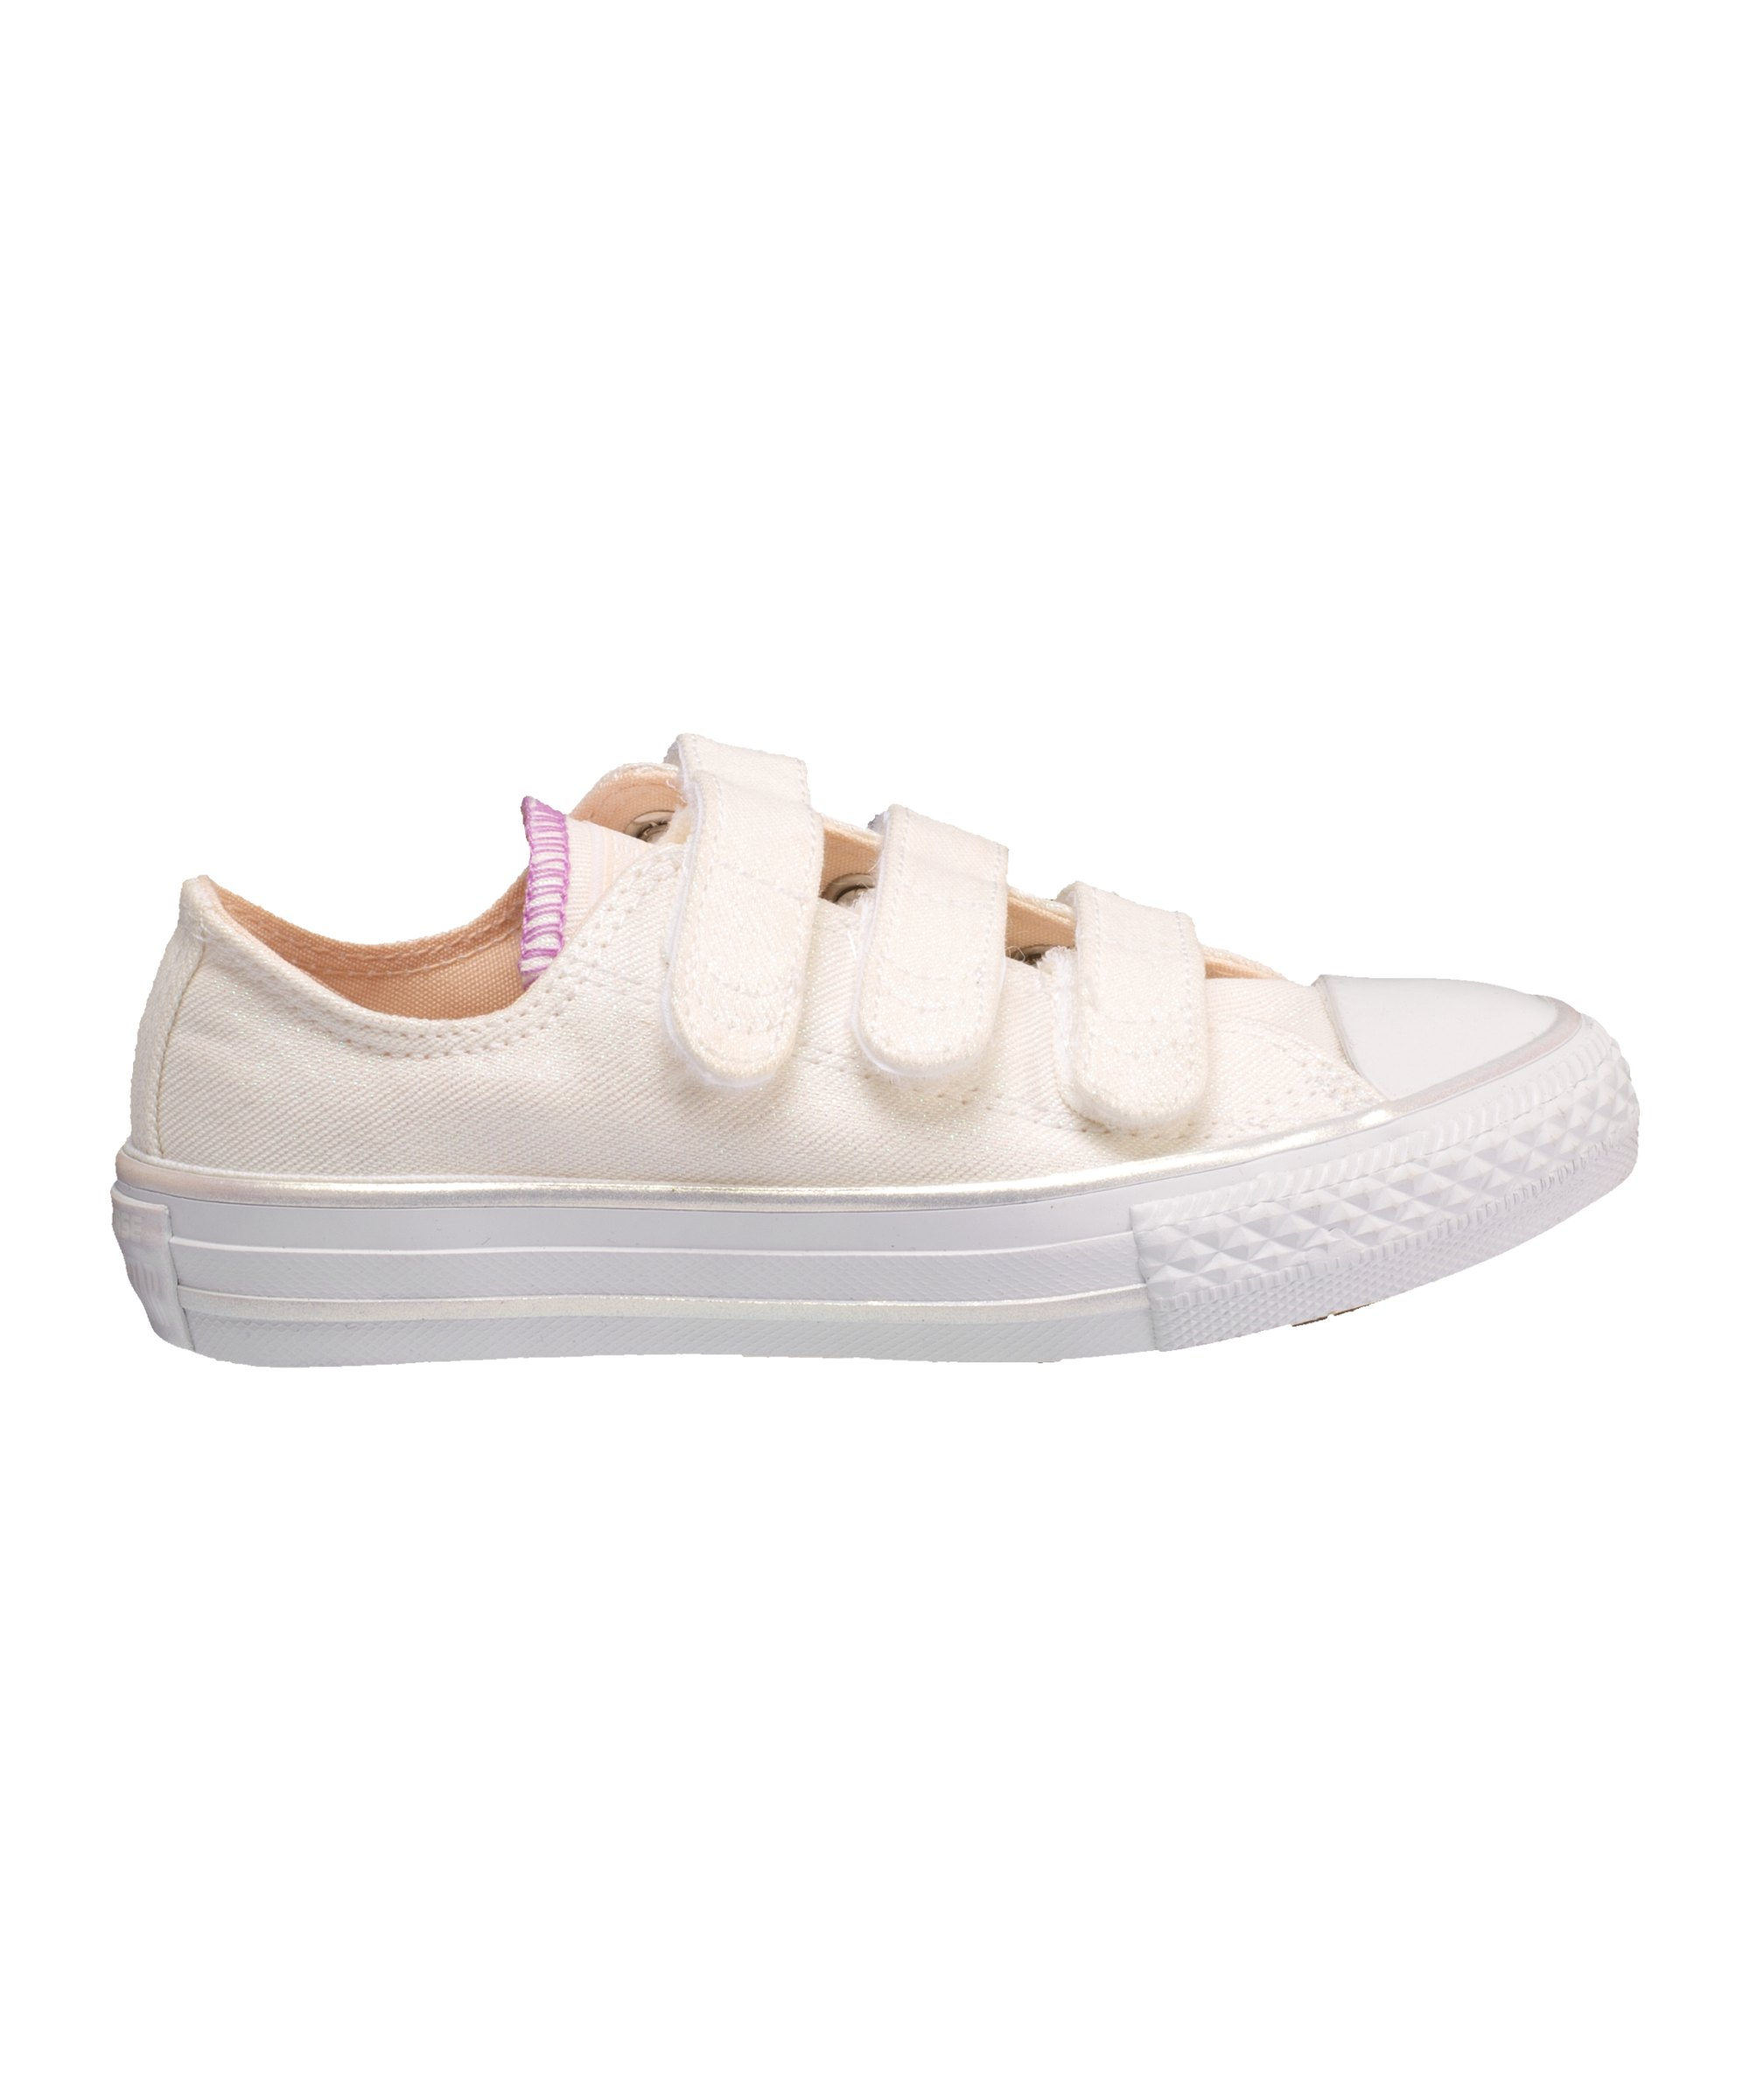 Converse Chuck Taylor AS 3V OX Sneaker Kids Beige - Beige